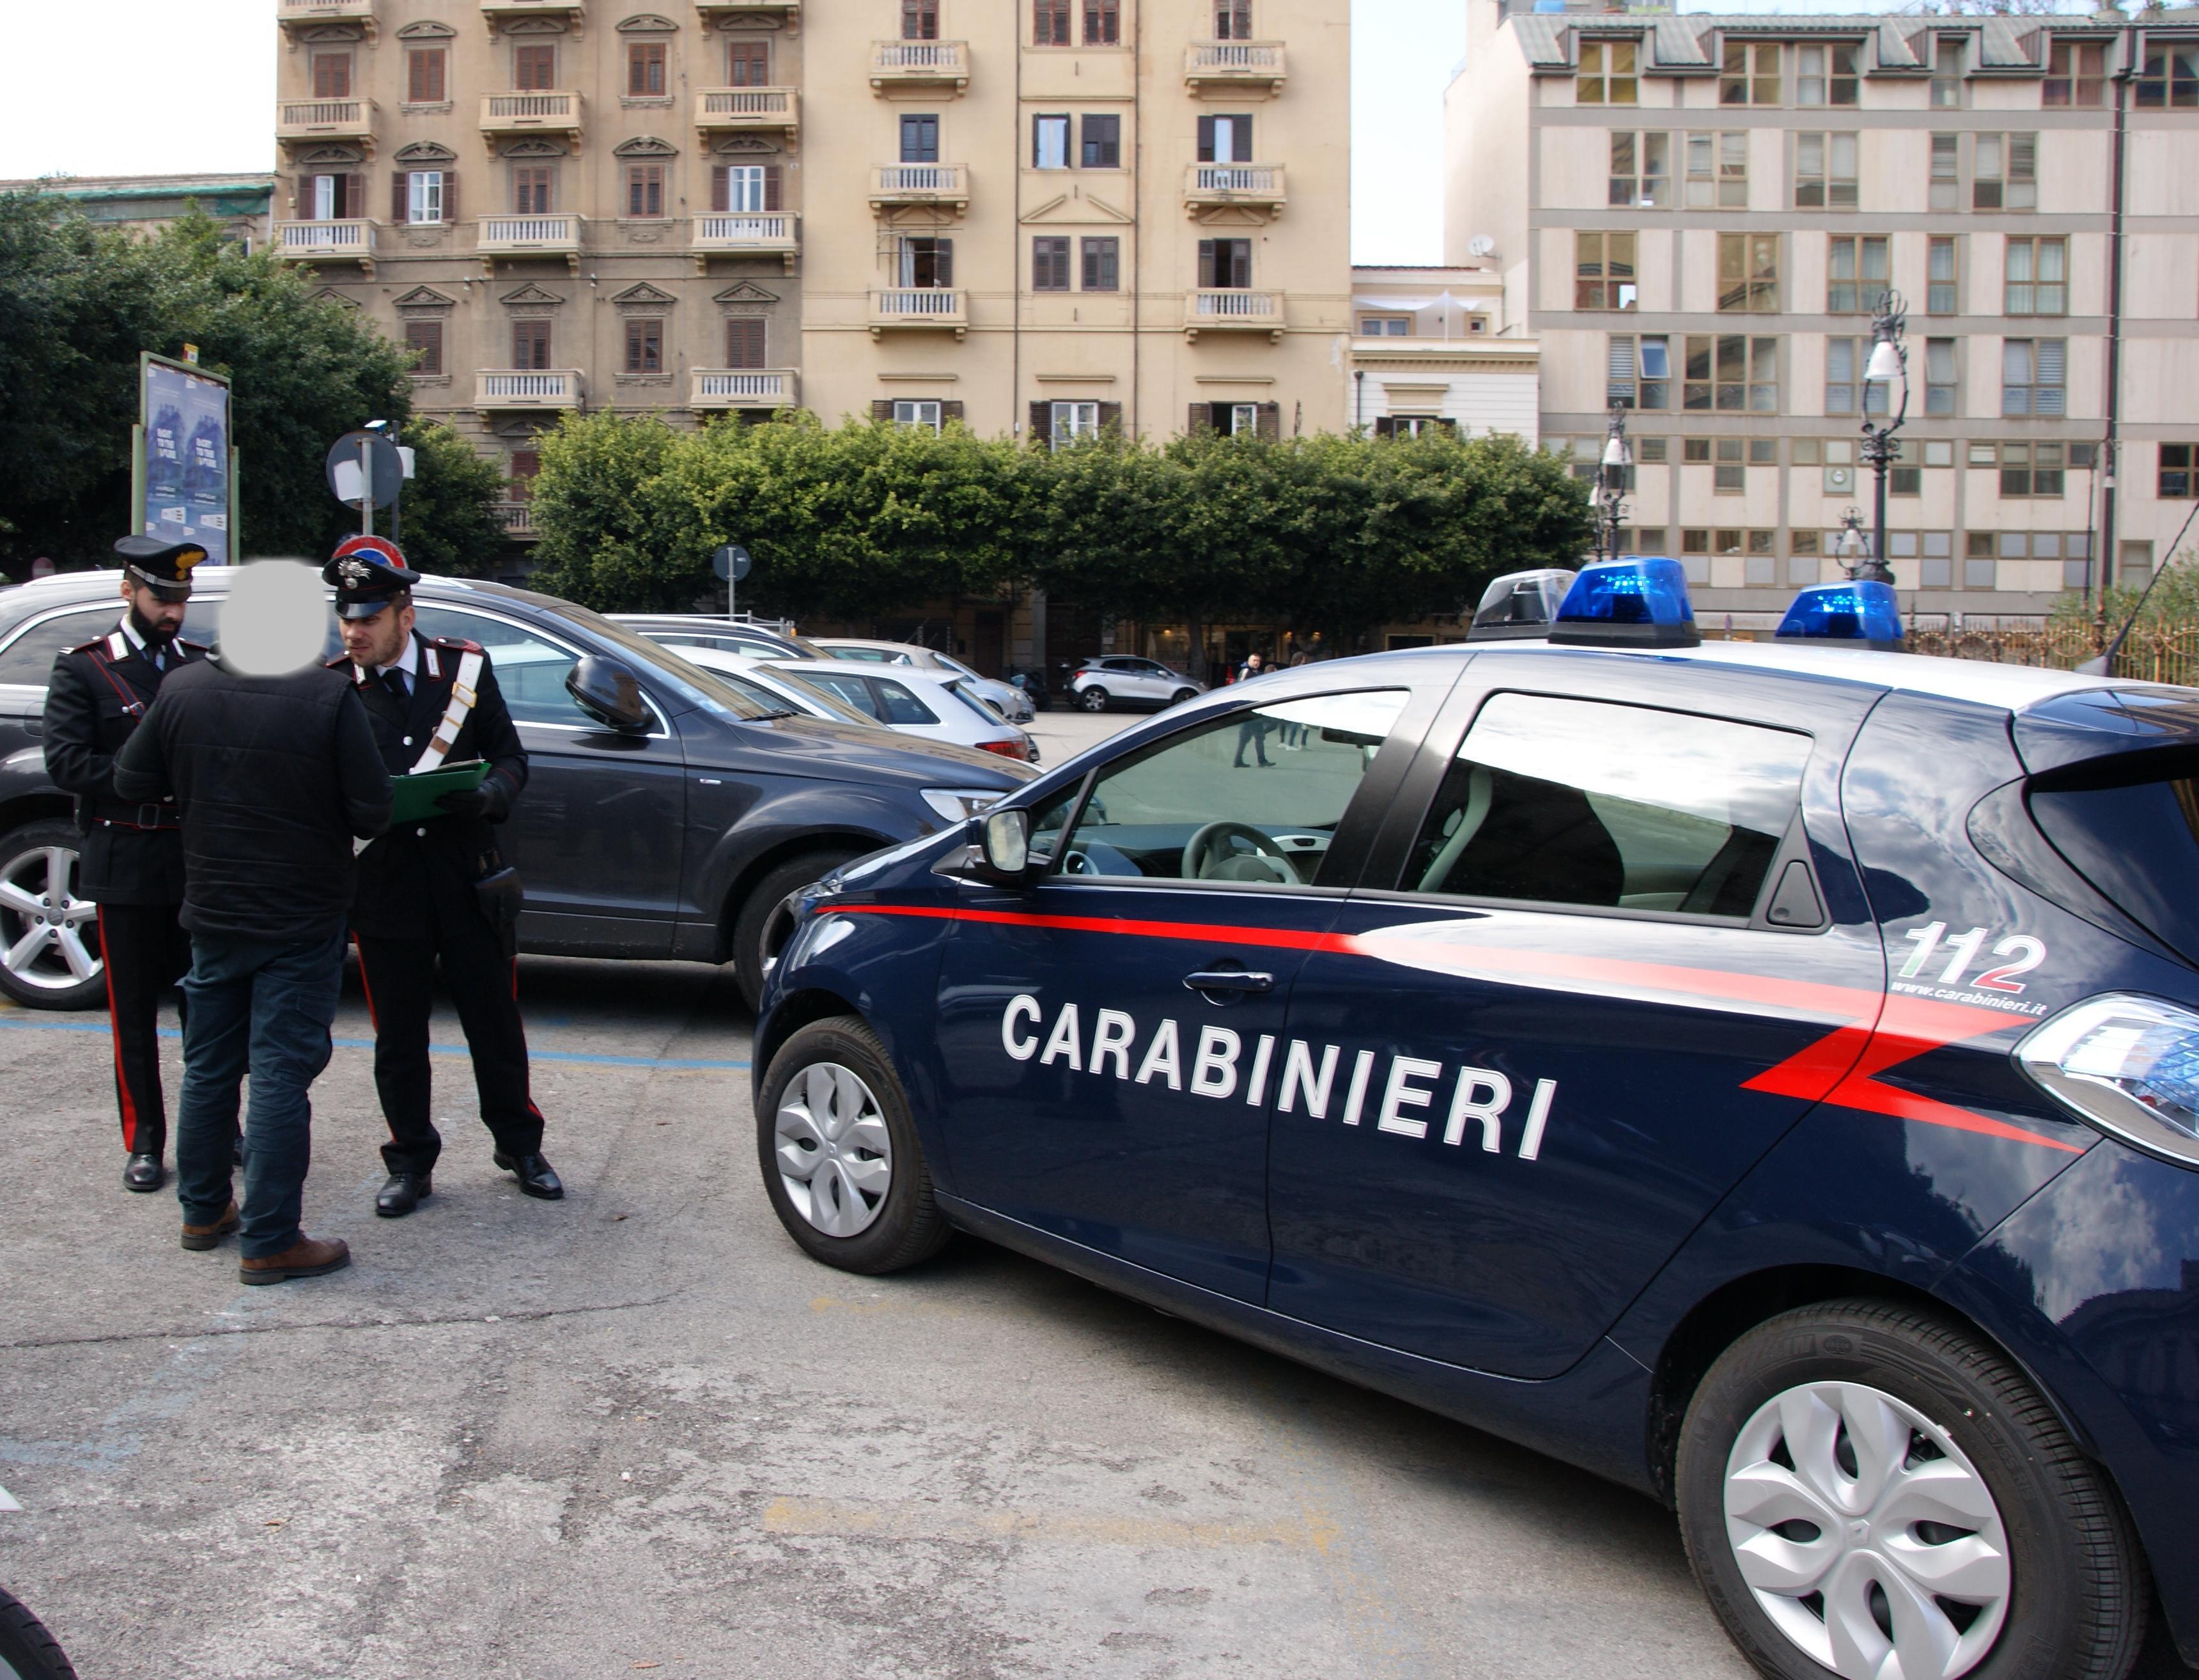 Posteggiatori abusivi, multate sei persone Tre di loro erano alla seconda sanzione